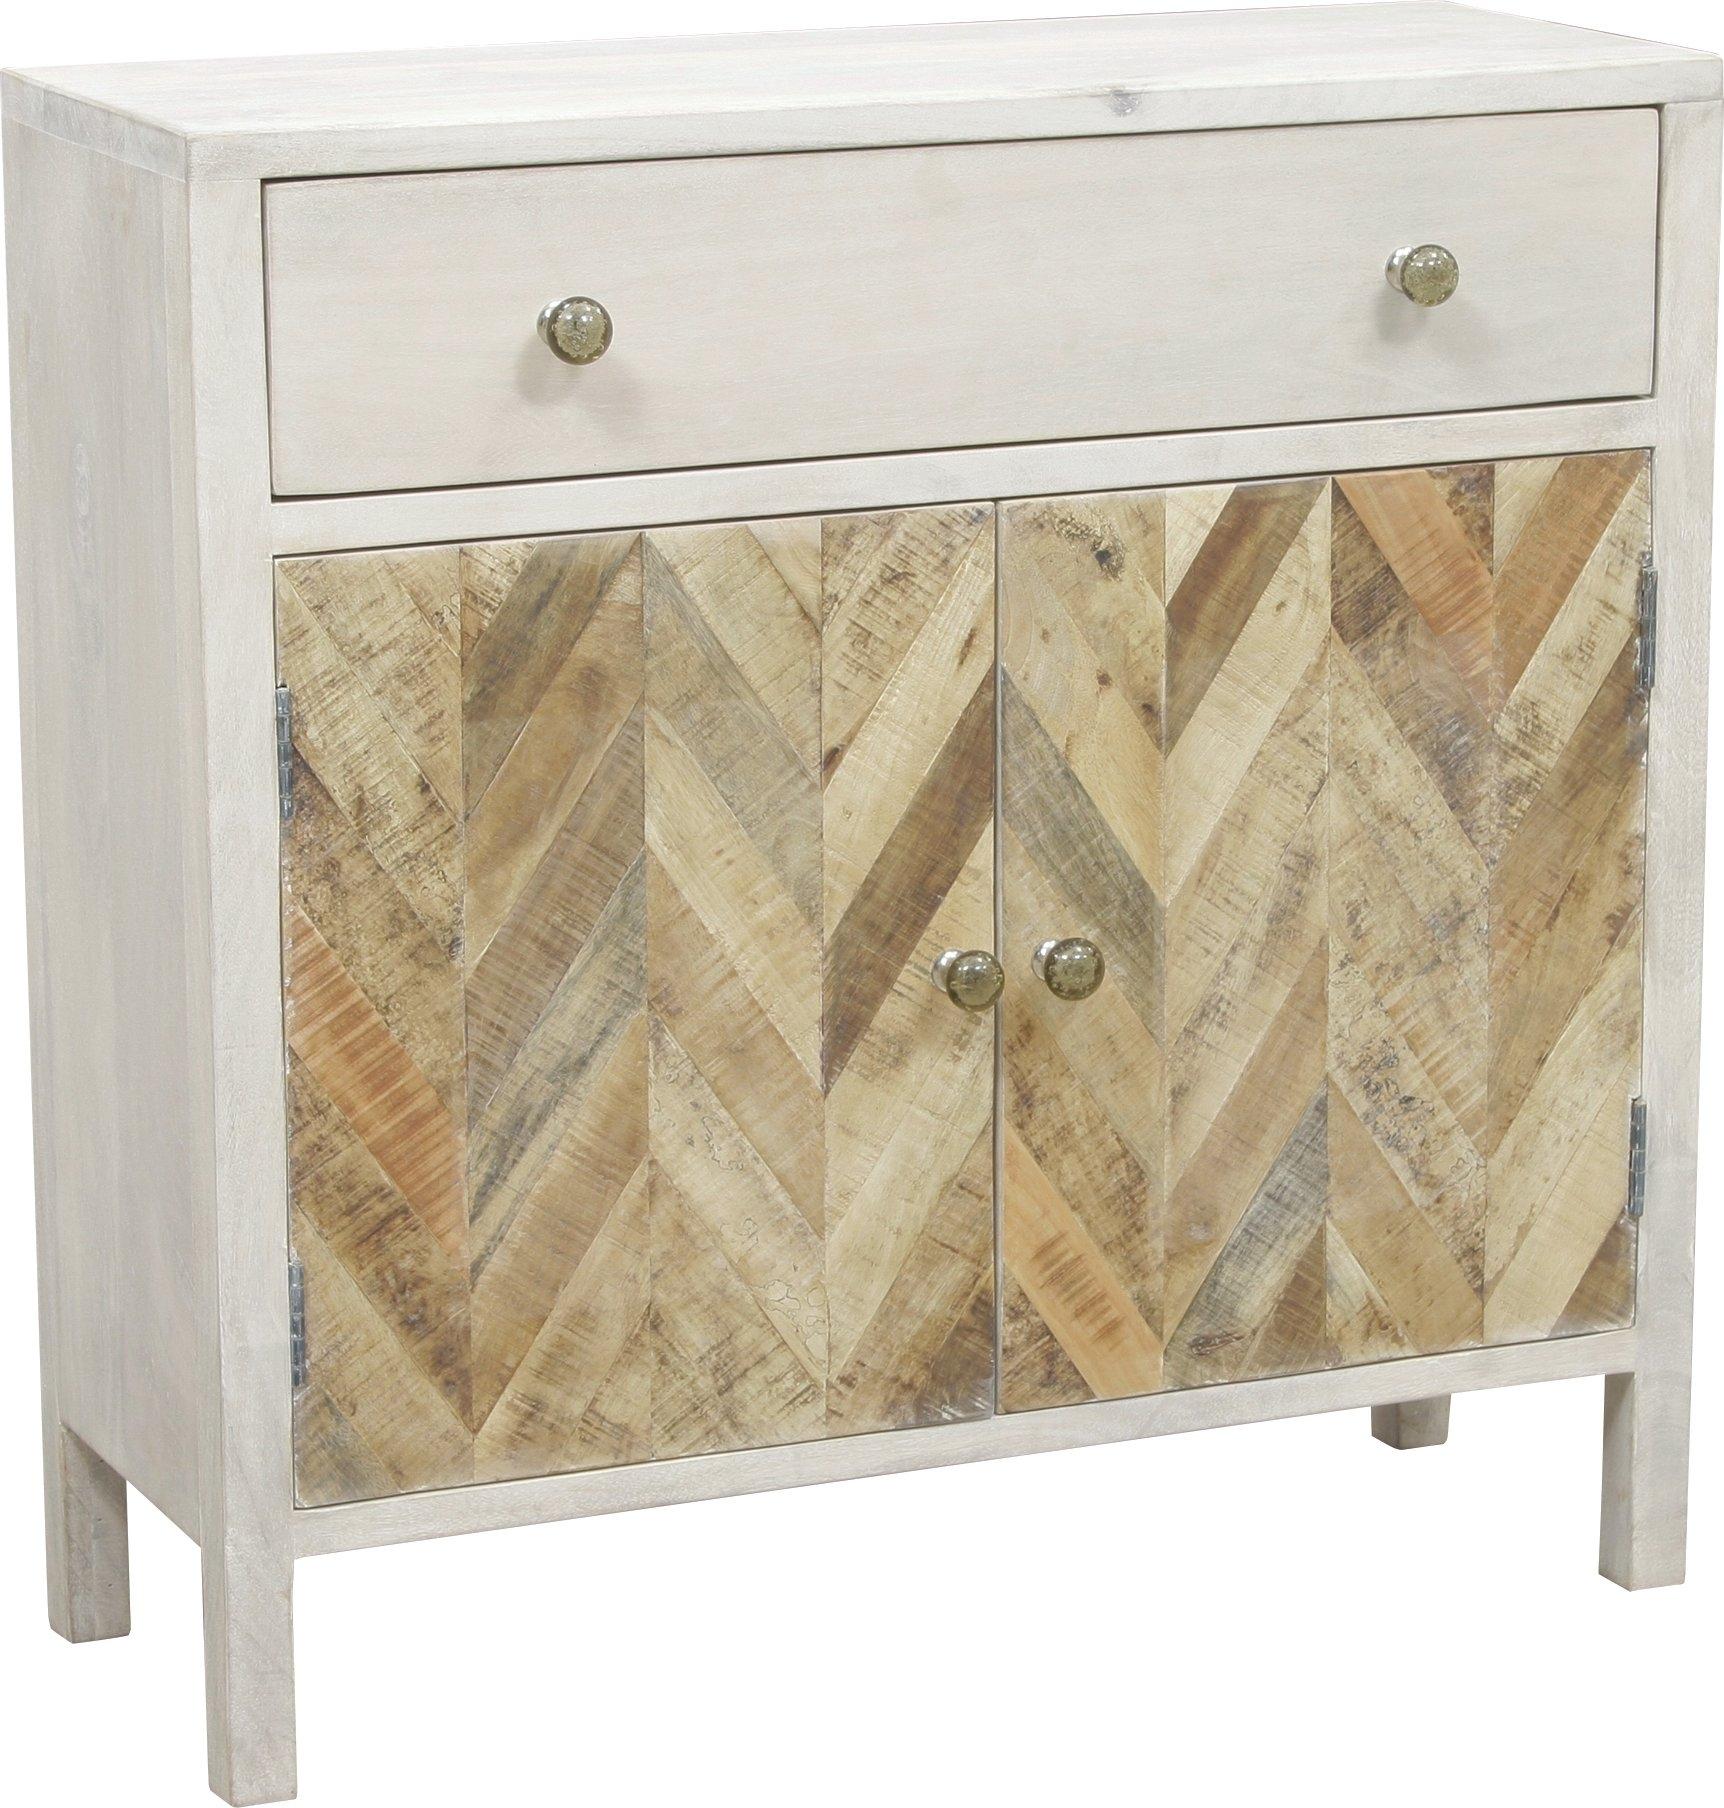 August Grove Islemade 1 Drawer 2 Door Cabinet | Wayfair regarding Burn Tan Finish 2-Door Sideboards (Image 2 of 30)